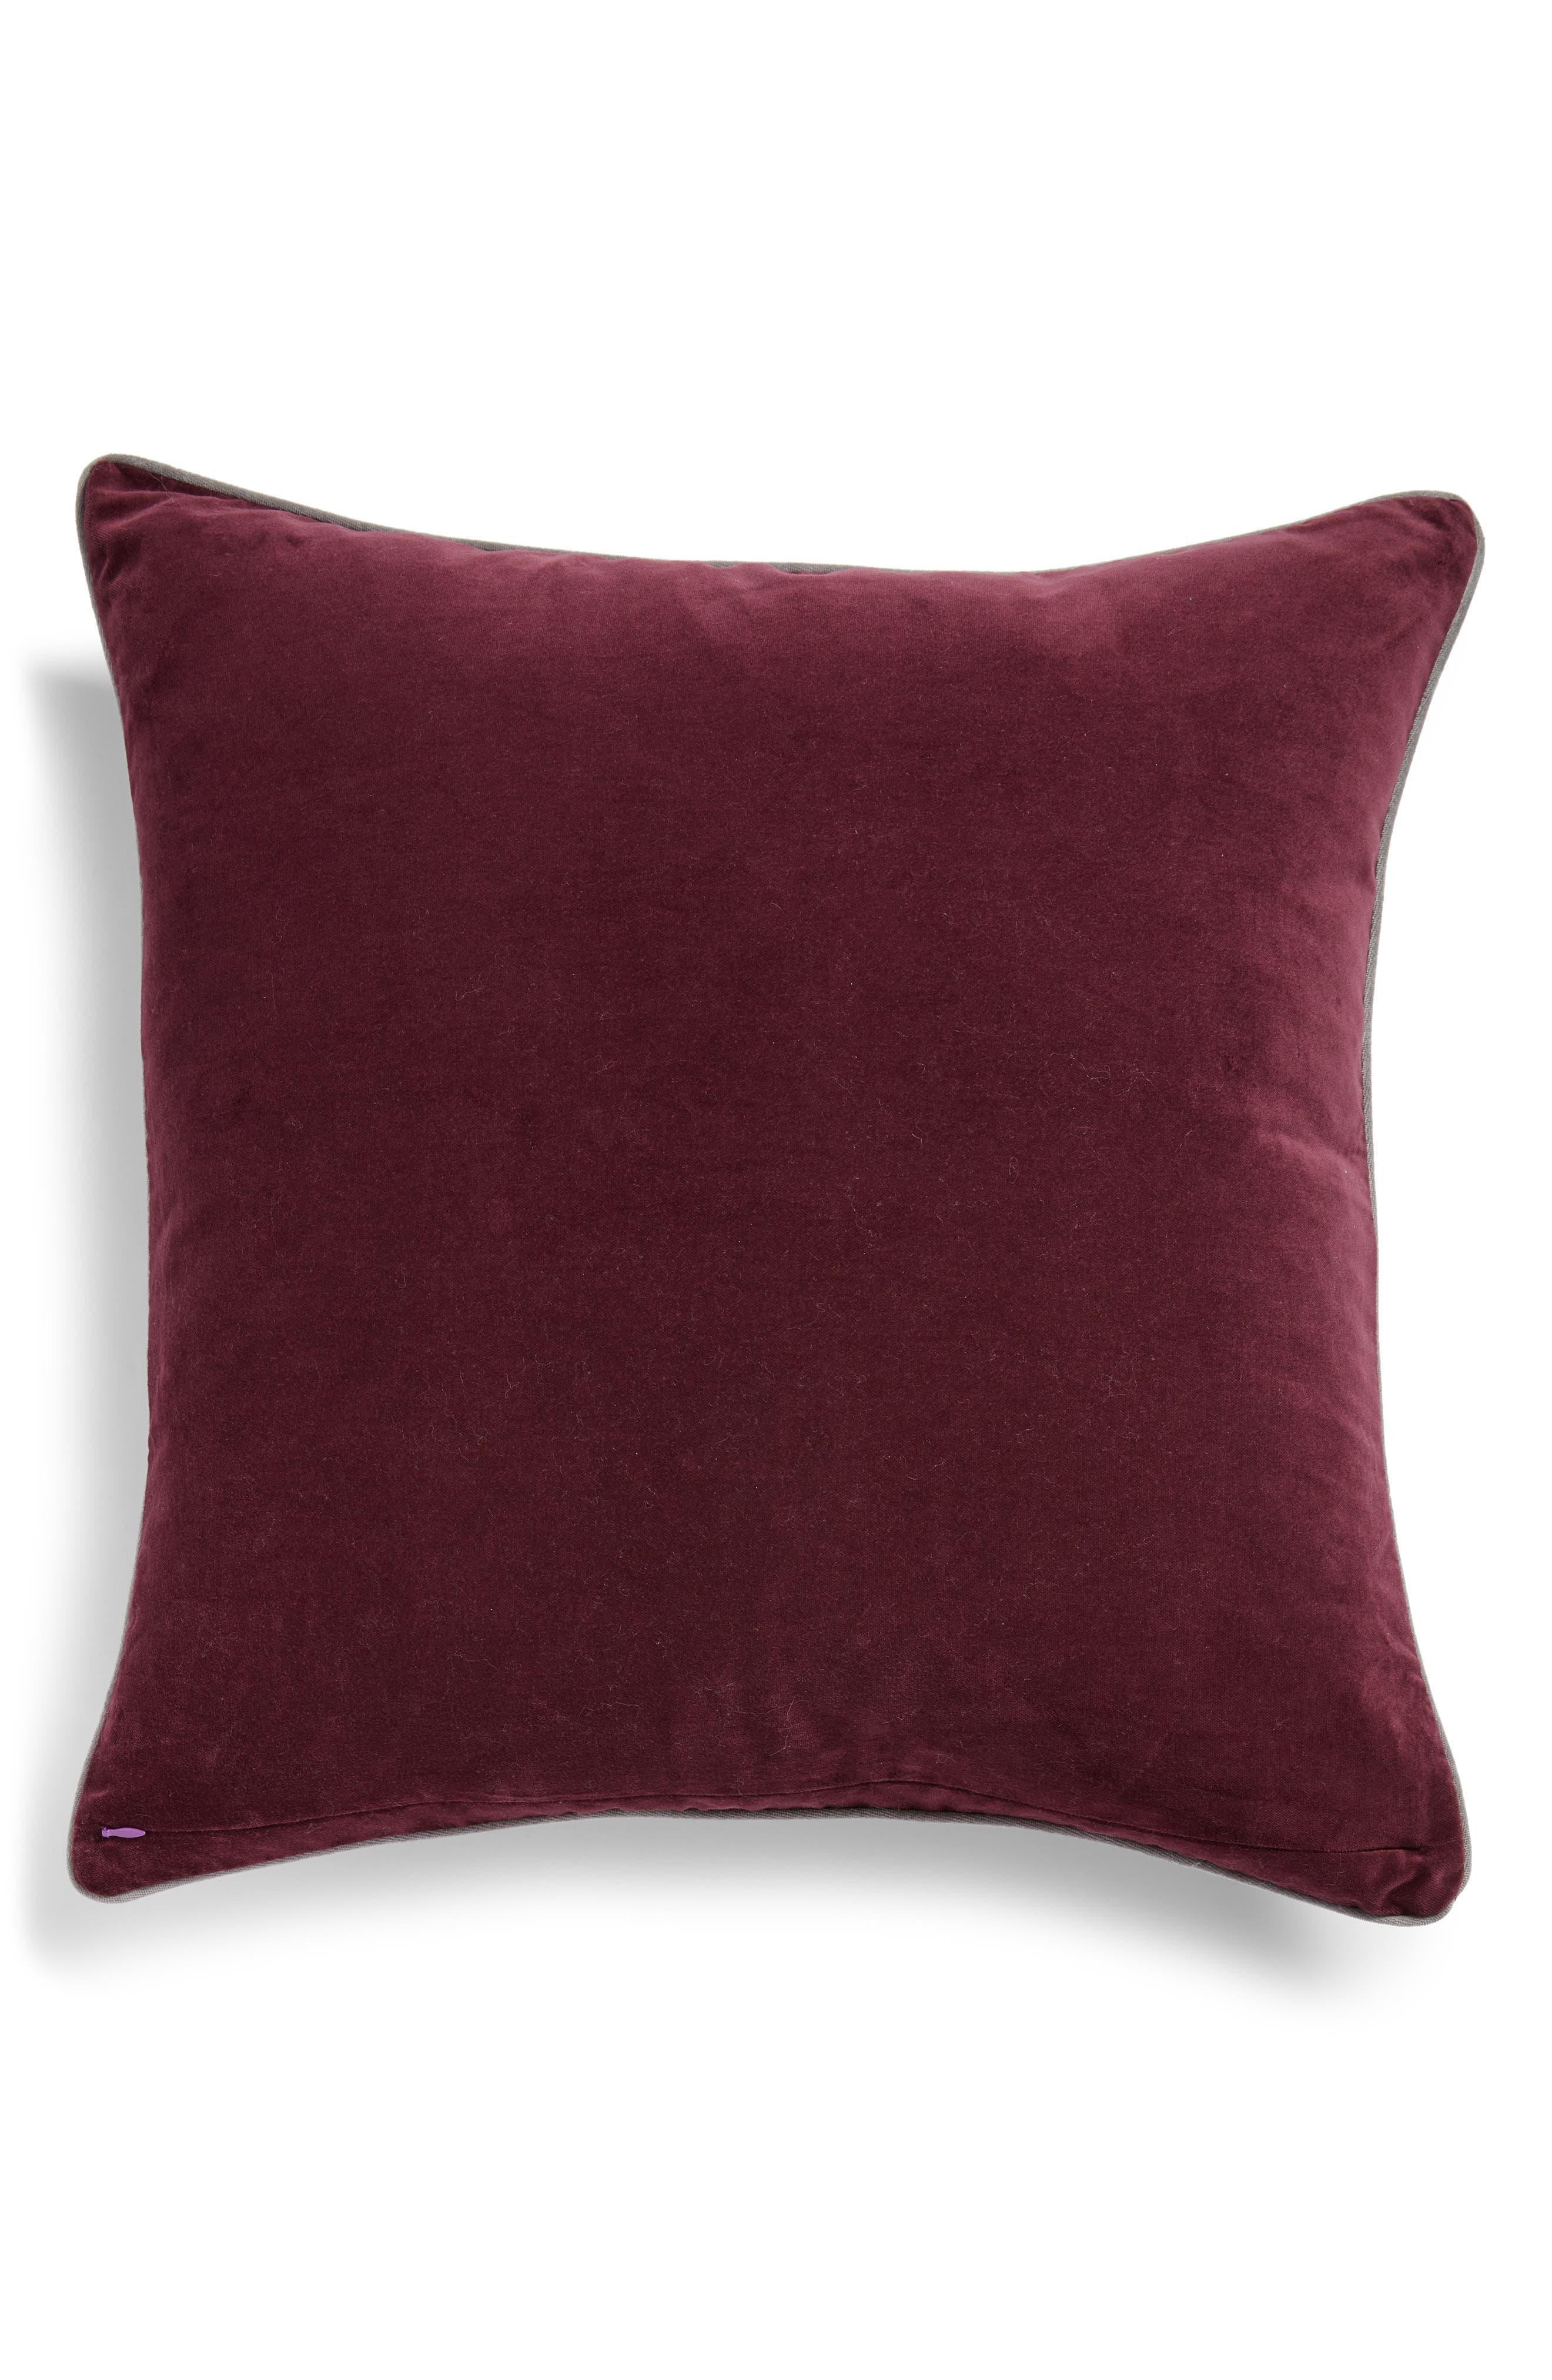 Velvet Border Accent Pillow,                             Alternate thumbnail 2, color,                             BURGUNDY STEM